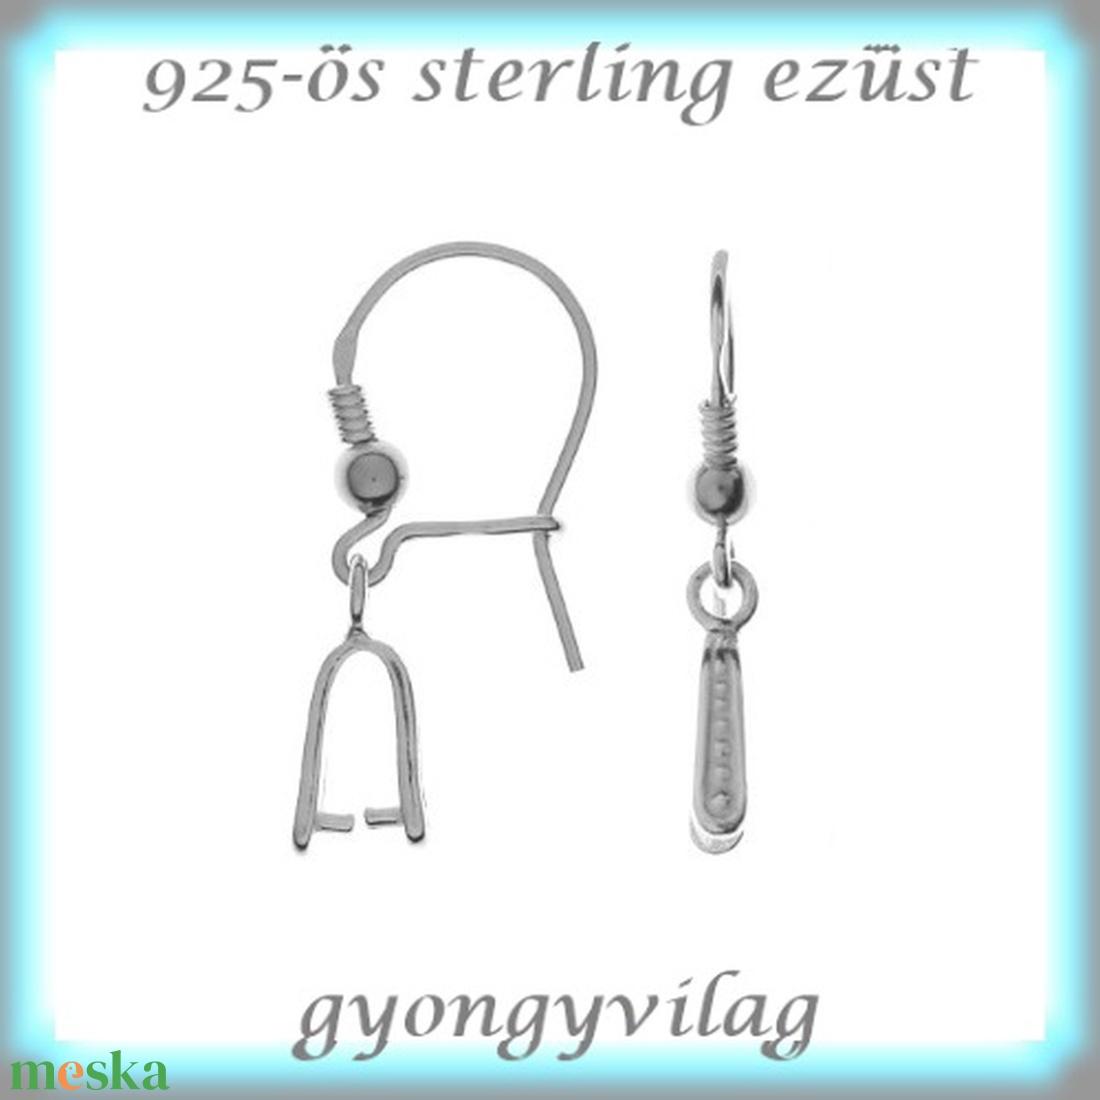 925-ös ezüst fülbevaló kapocs biztonsági kapoccsal EFK K 29 - gyöngy, ékszerkellék - egyéb alkatrész - Meska.hu